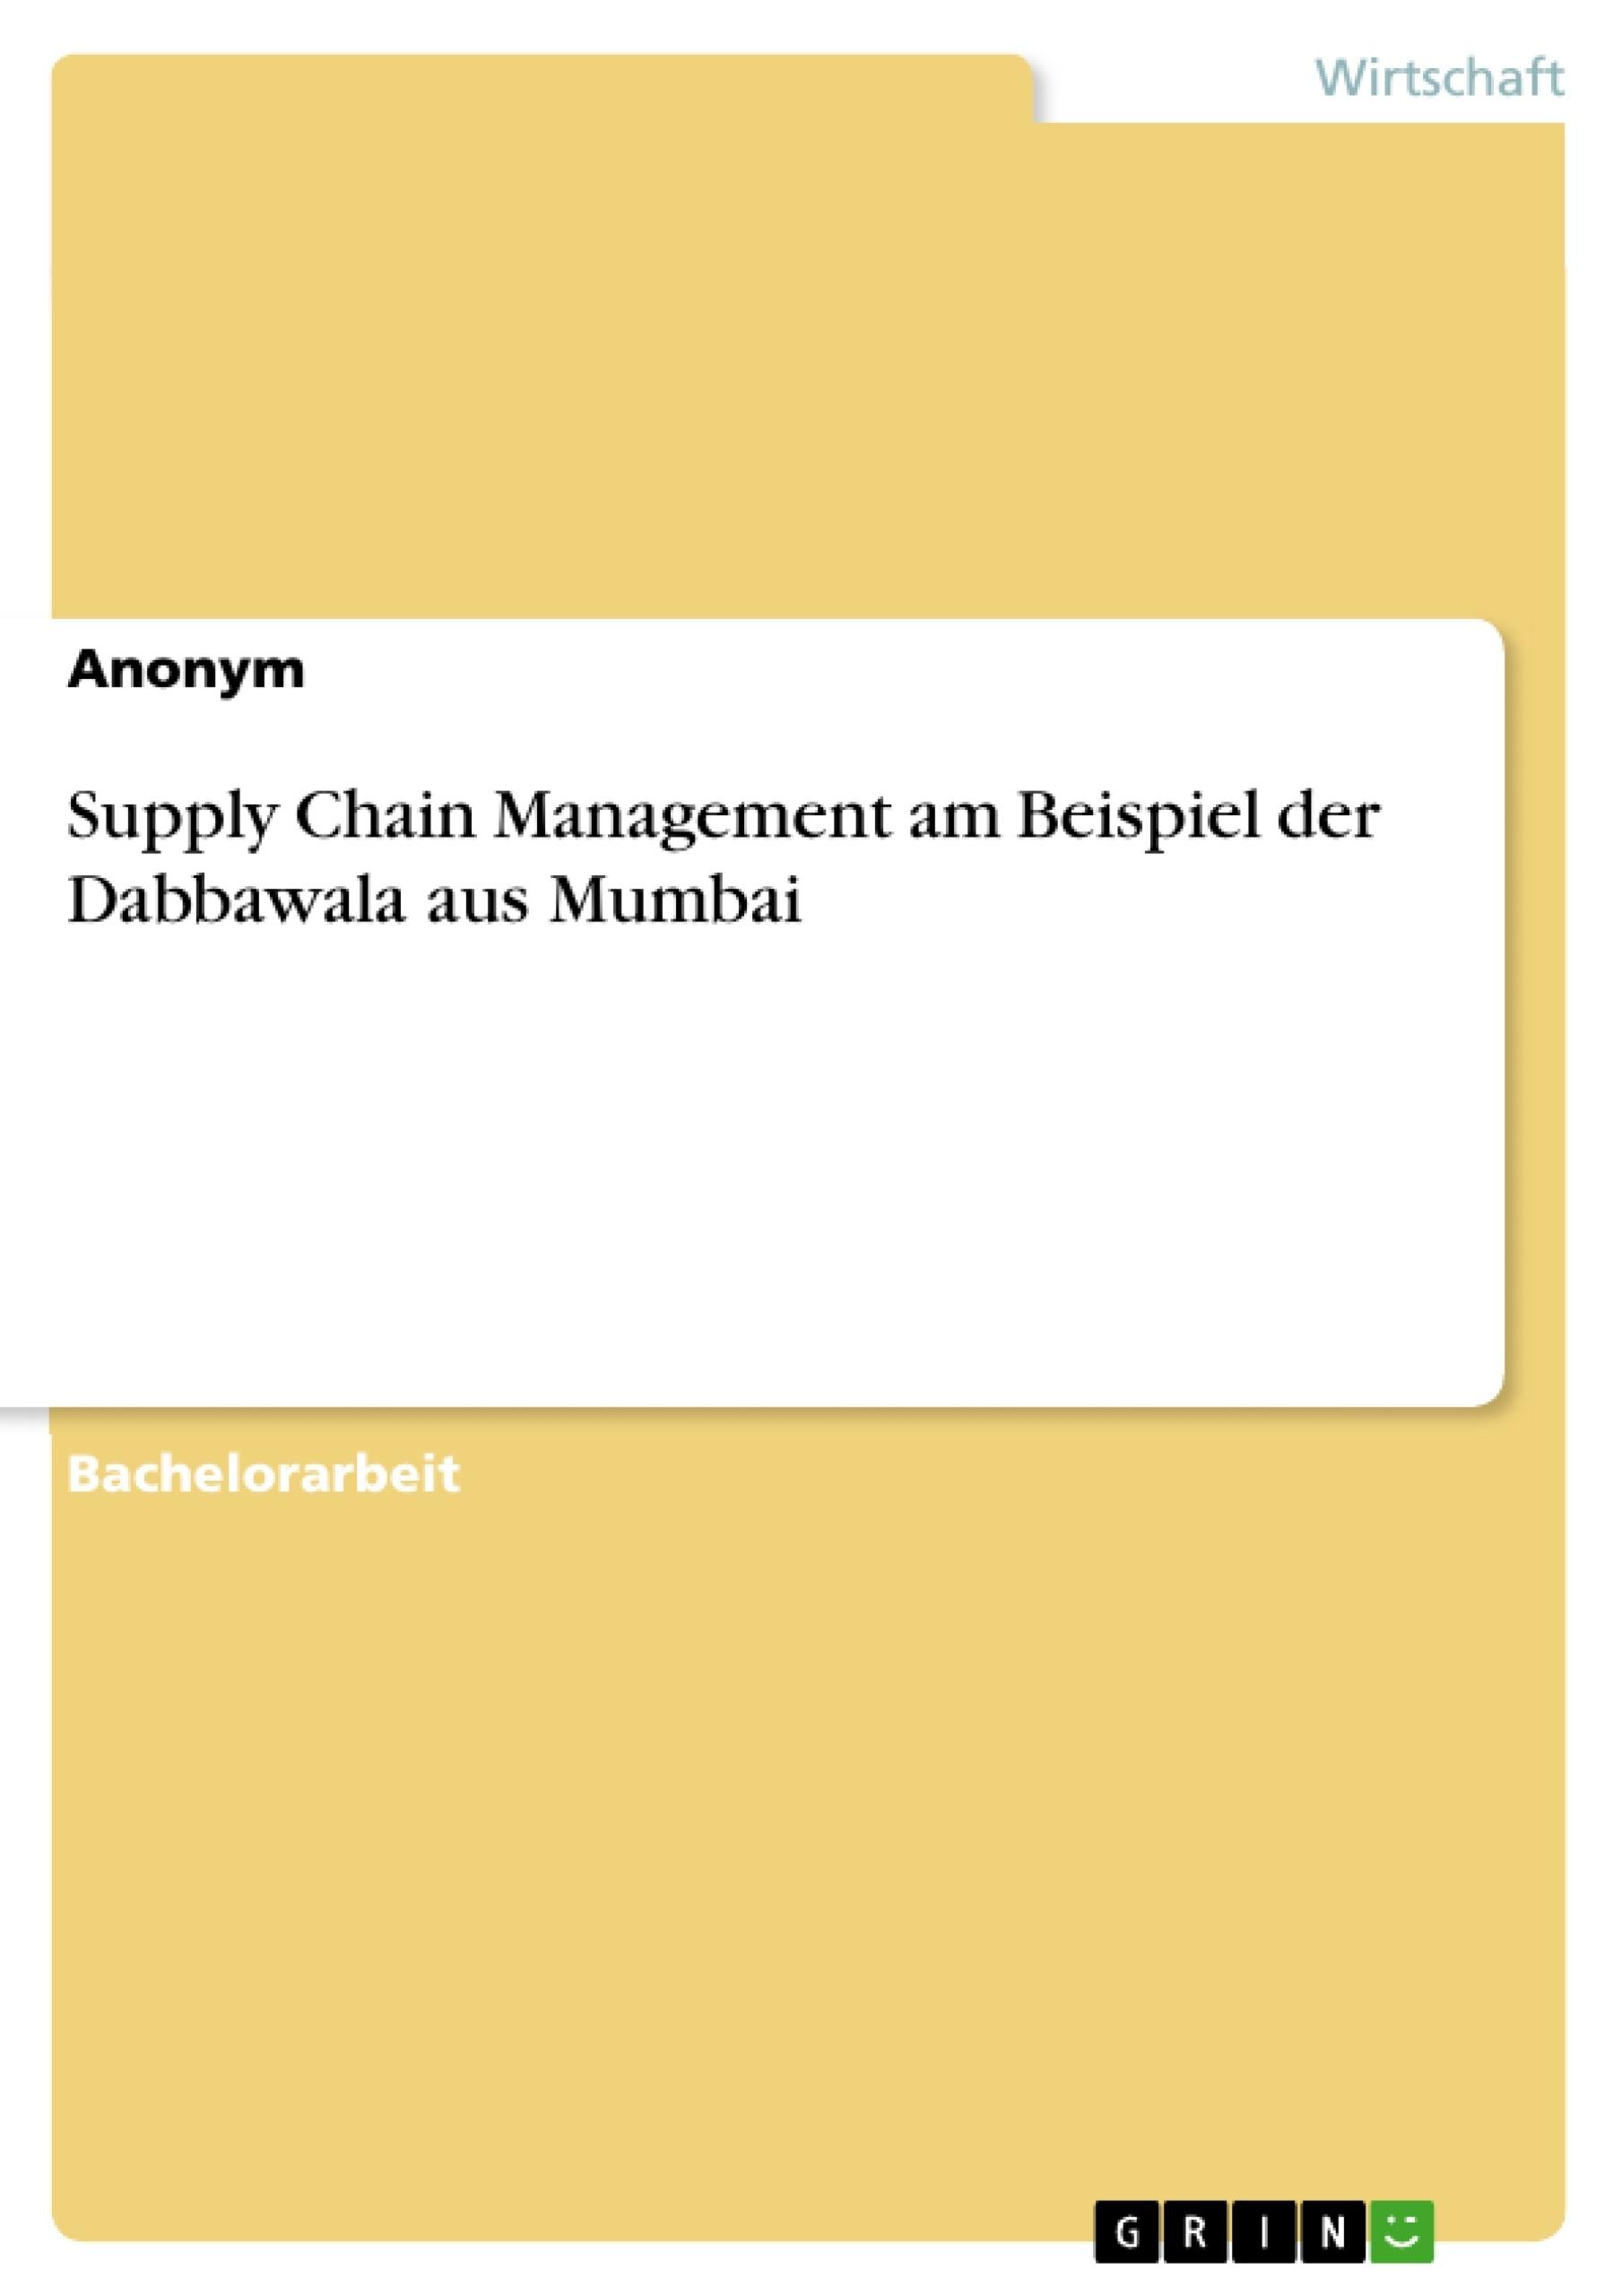 Supply Chain Management am Beispiel der Dabbawala aus Mumbai ...